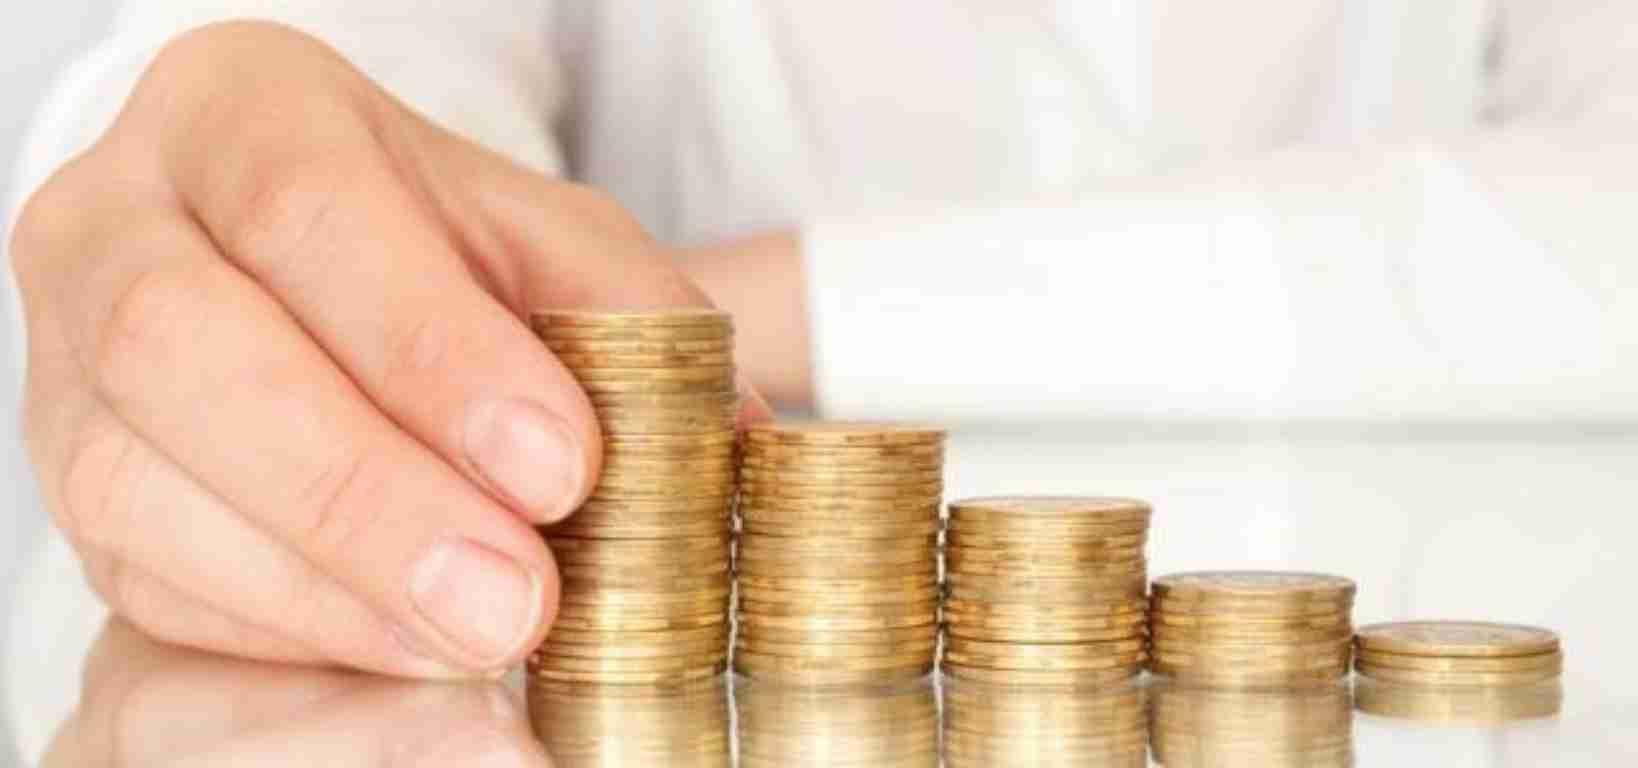 Как сделать вклад в банк: некоторые тонкости Банковские вклады 53